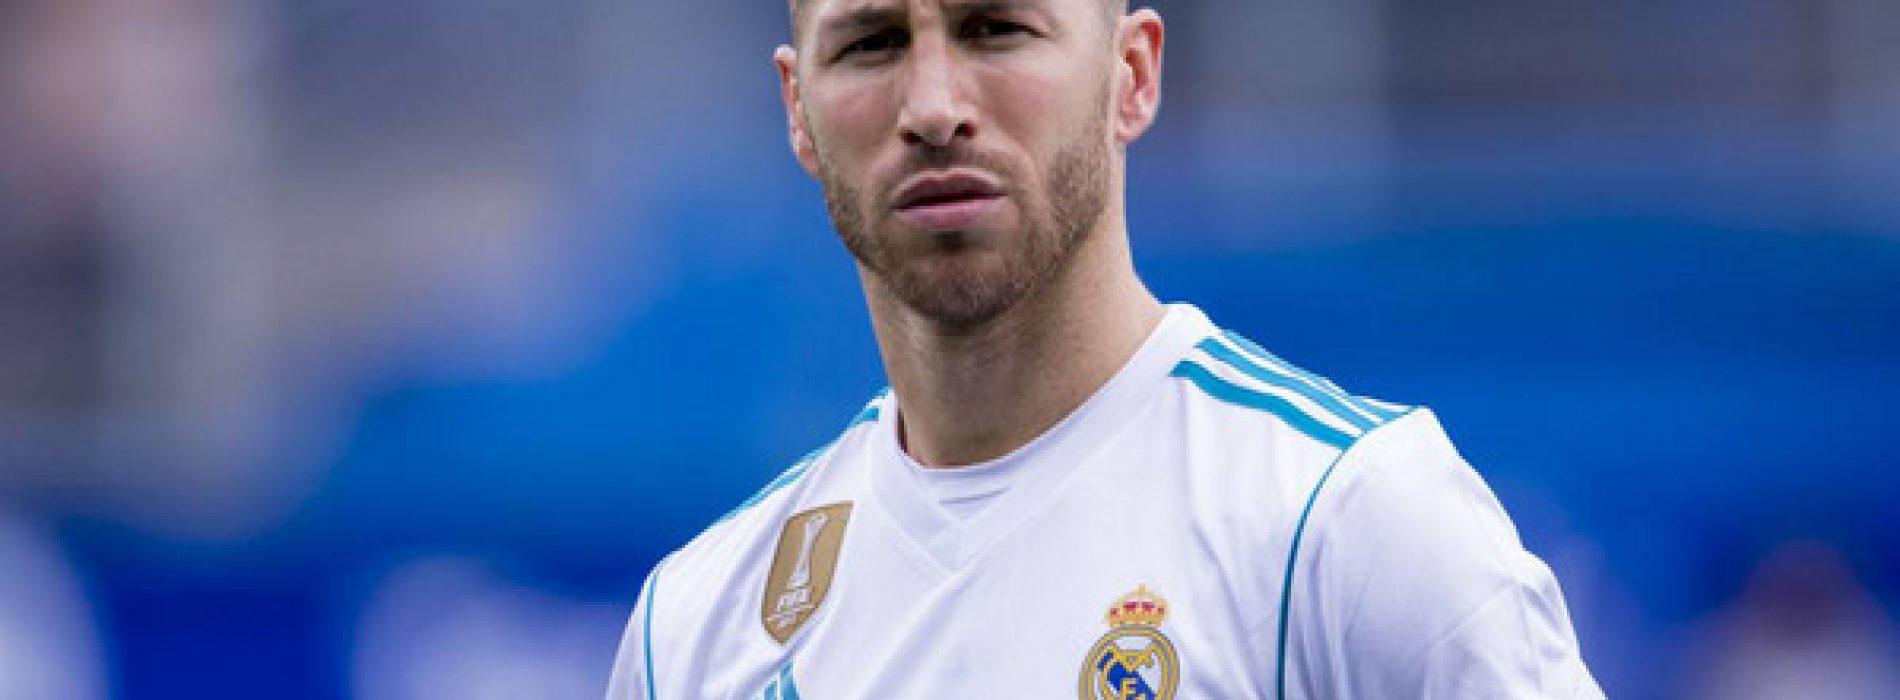 Mercato Juve Ramos: i bianconeri ci provano. La situazione